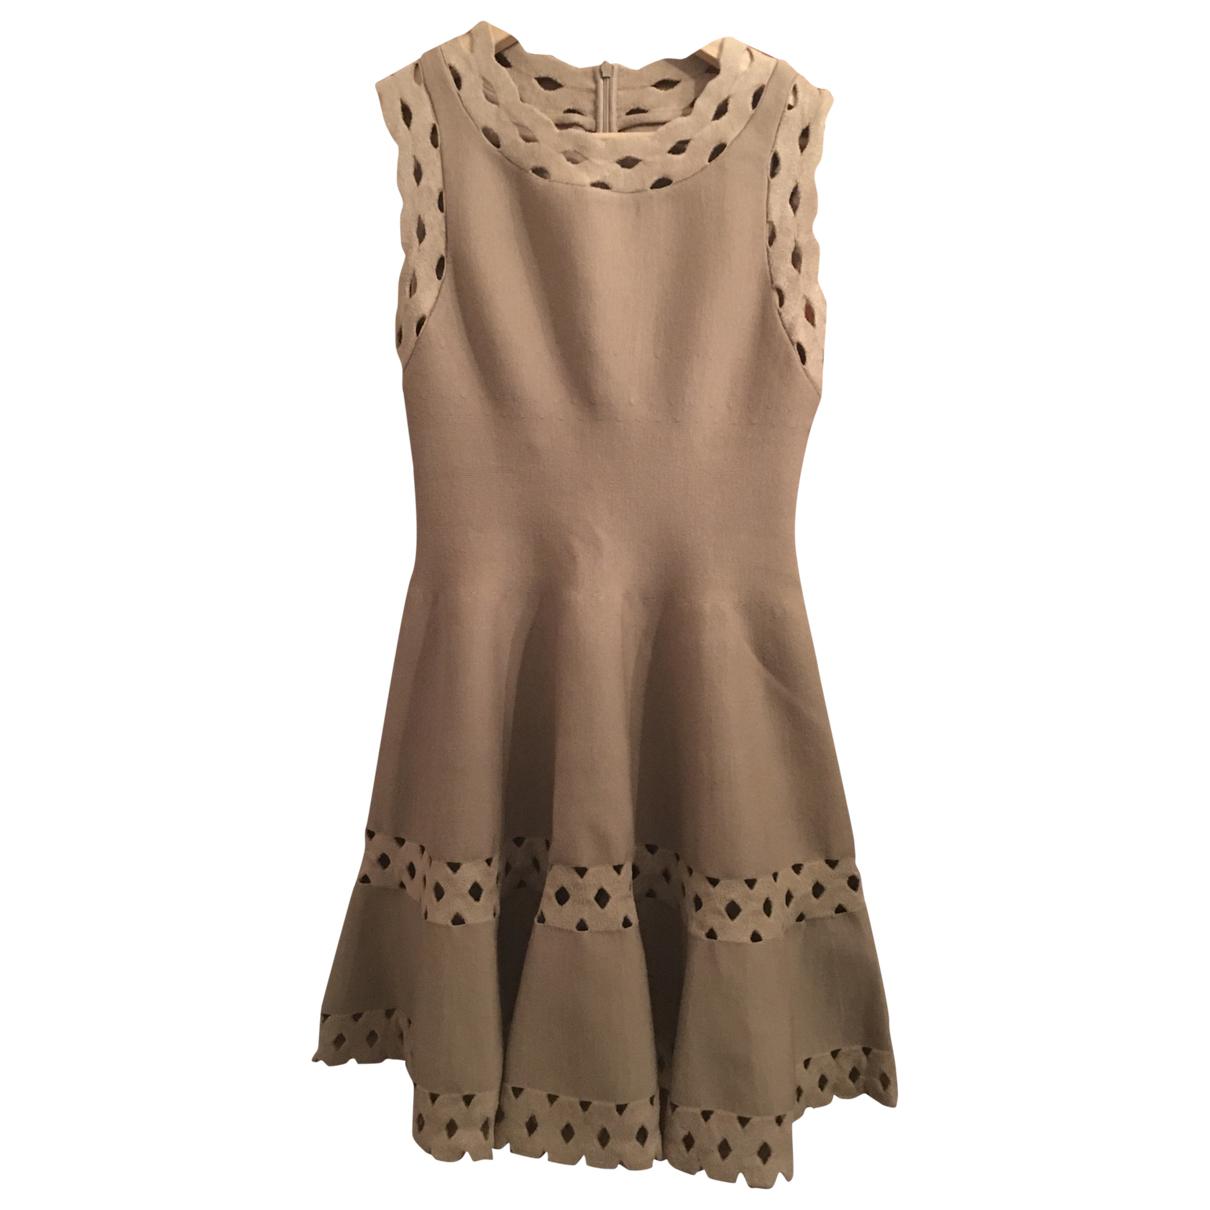 Alaia \N Kleid in  Beige Wolle